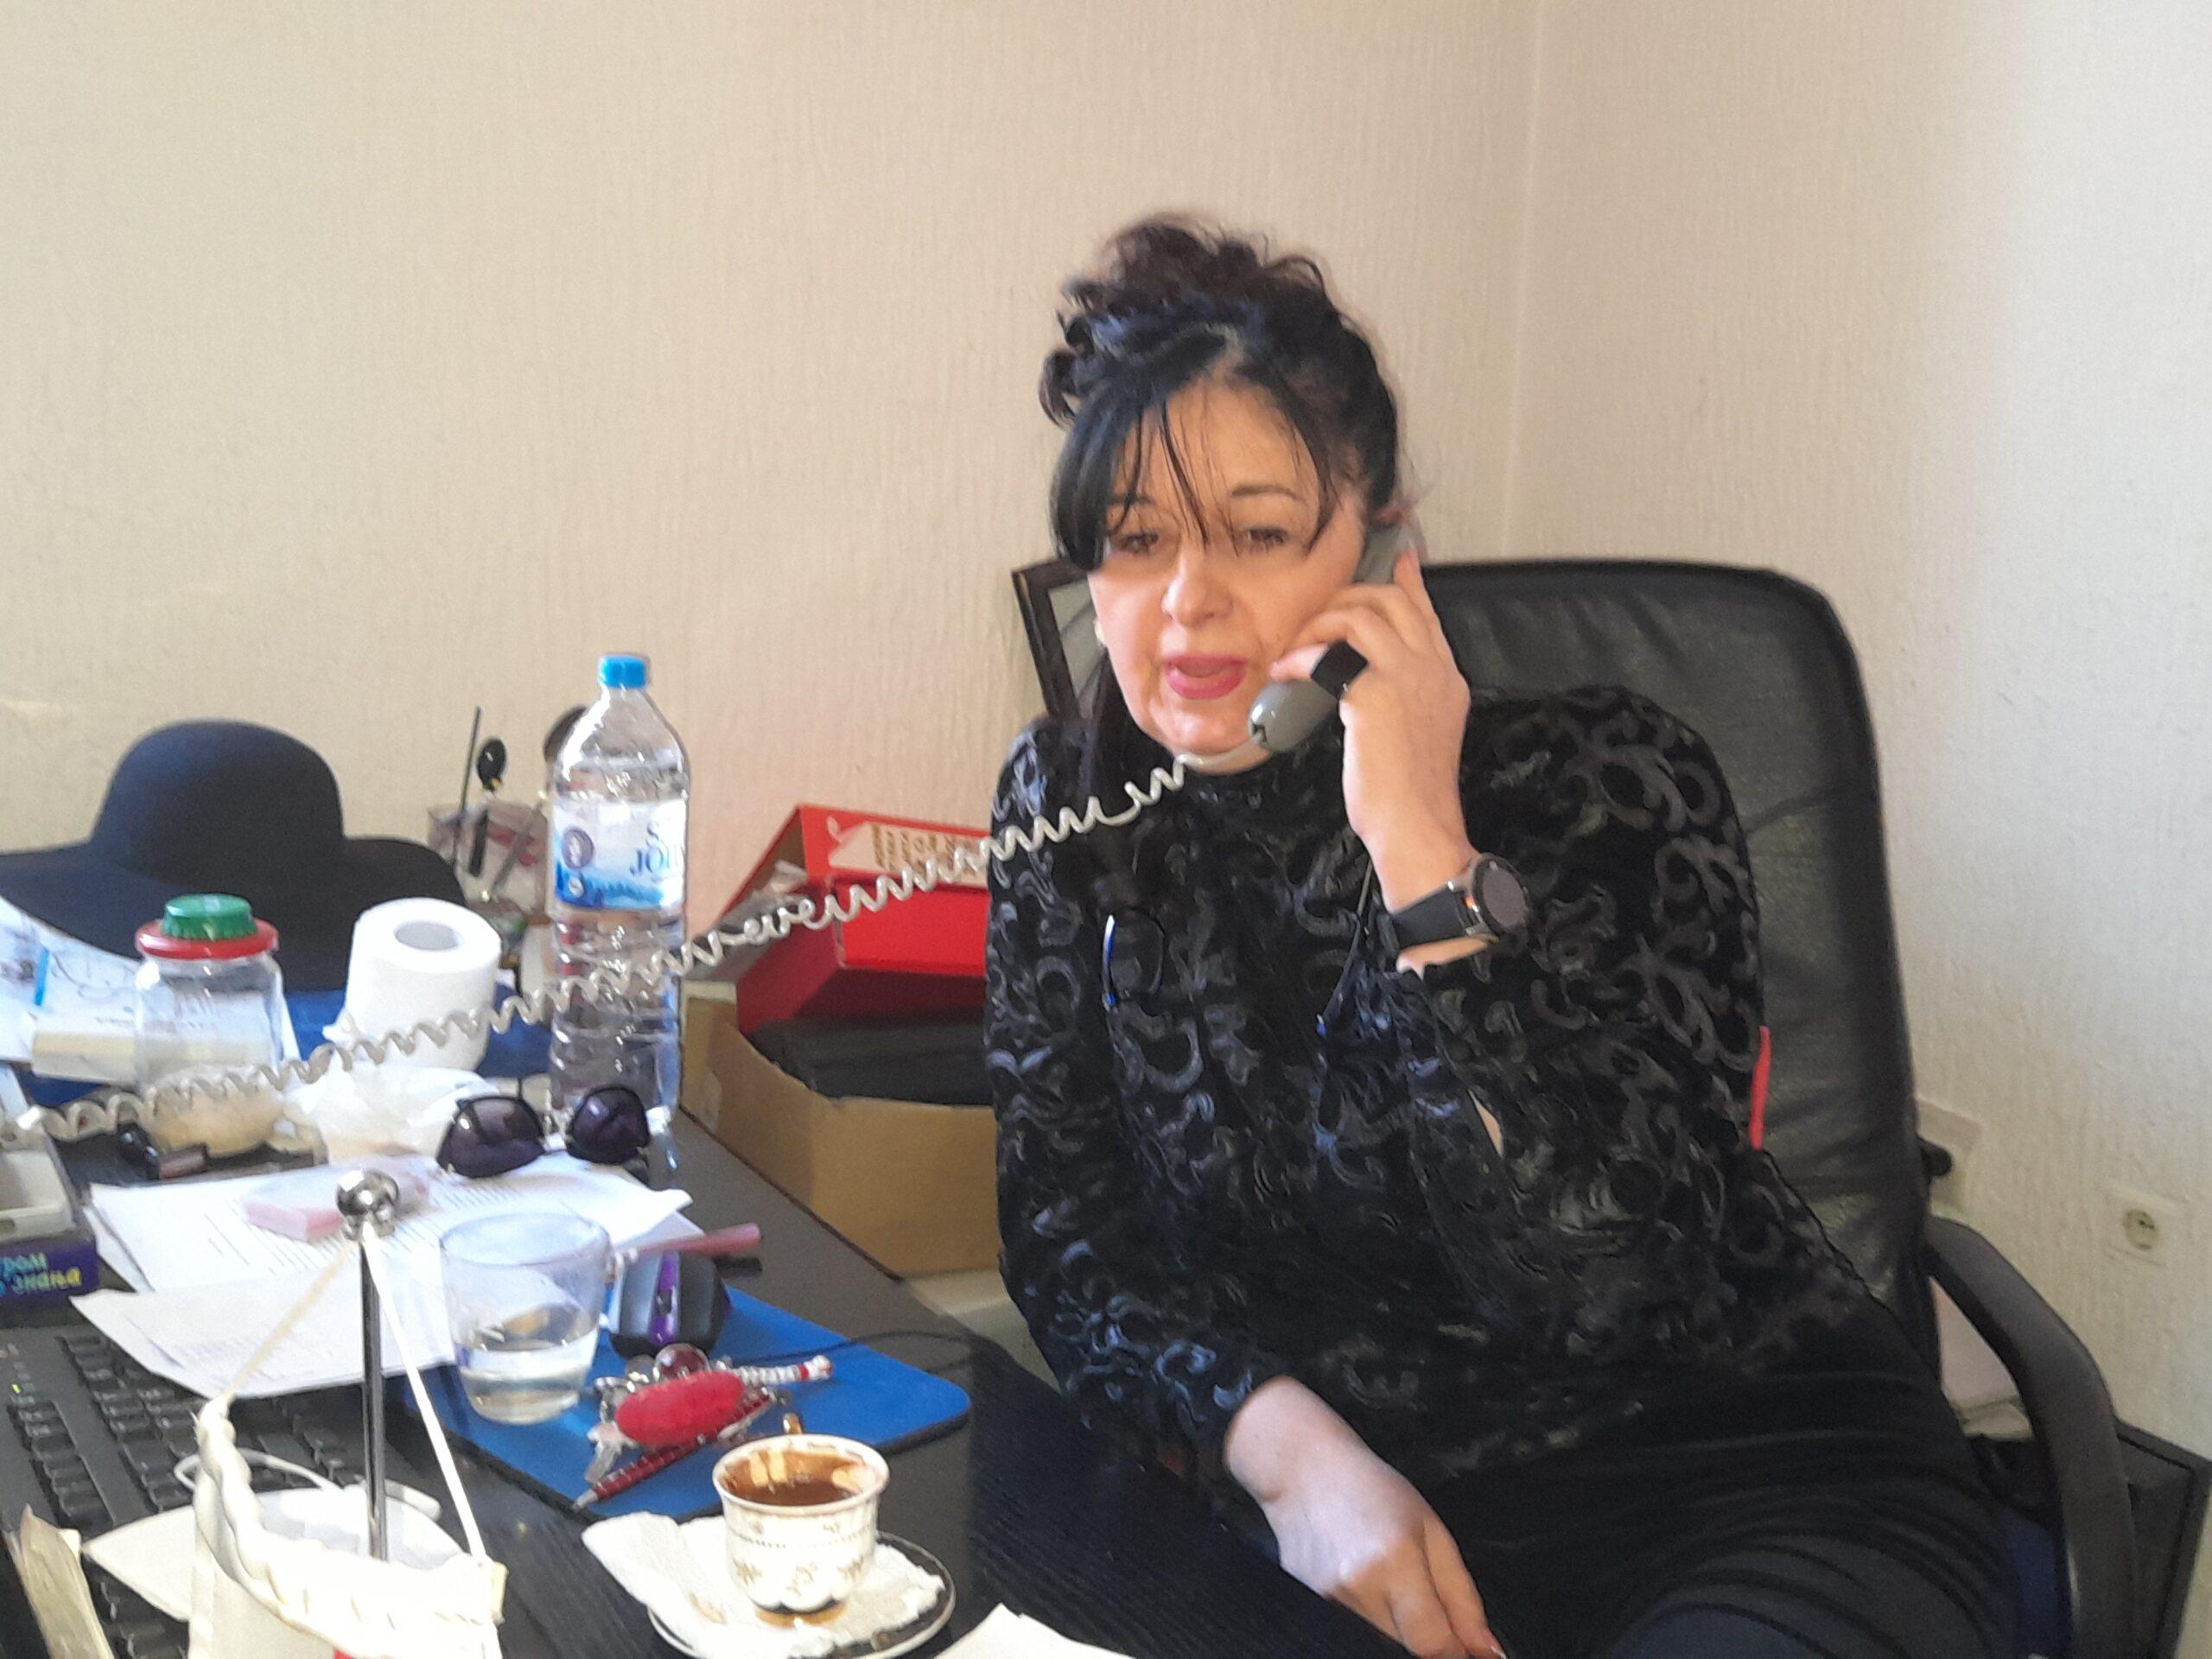 Smenjena Biljana Davidović sekretar Crvenog krsta, raspušteni svi organi upravljanja